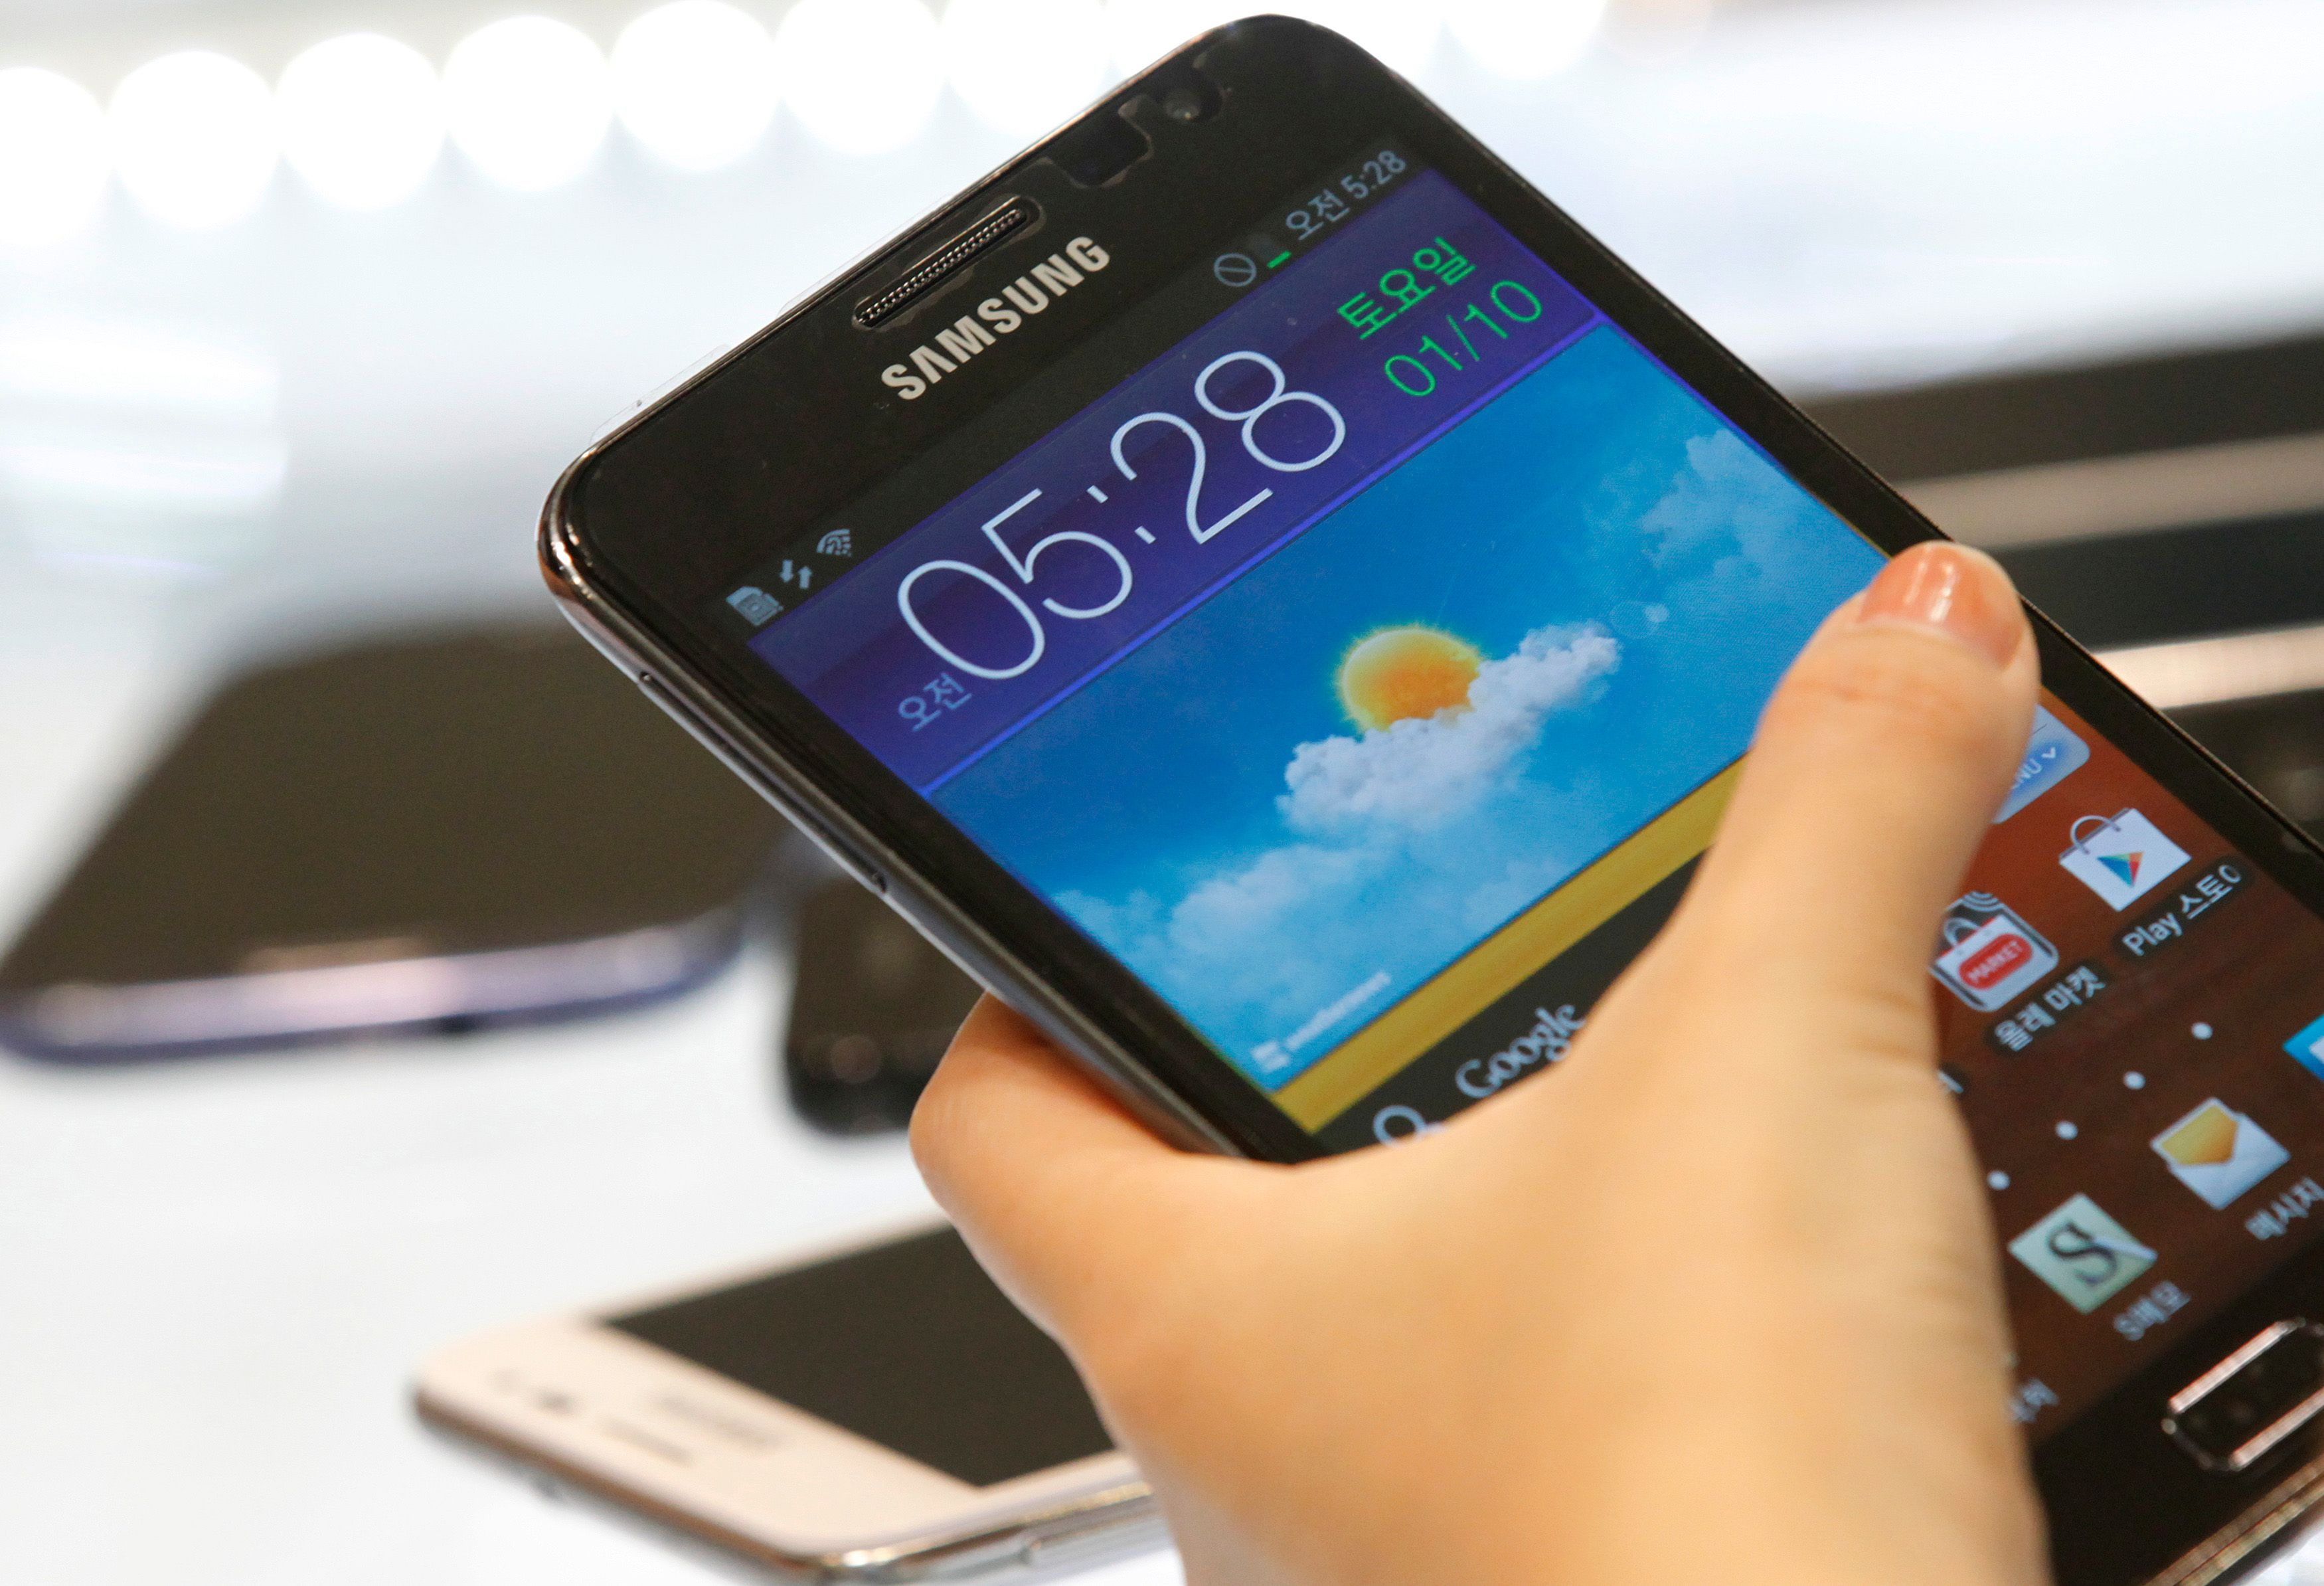 Pour renvoyer son Samsung Galaxy Note 7, il faut utiliser des colis ignifugés et des gants de sécurité